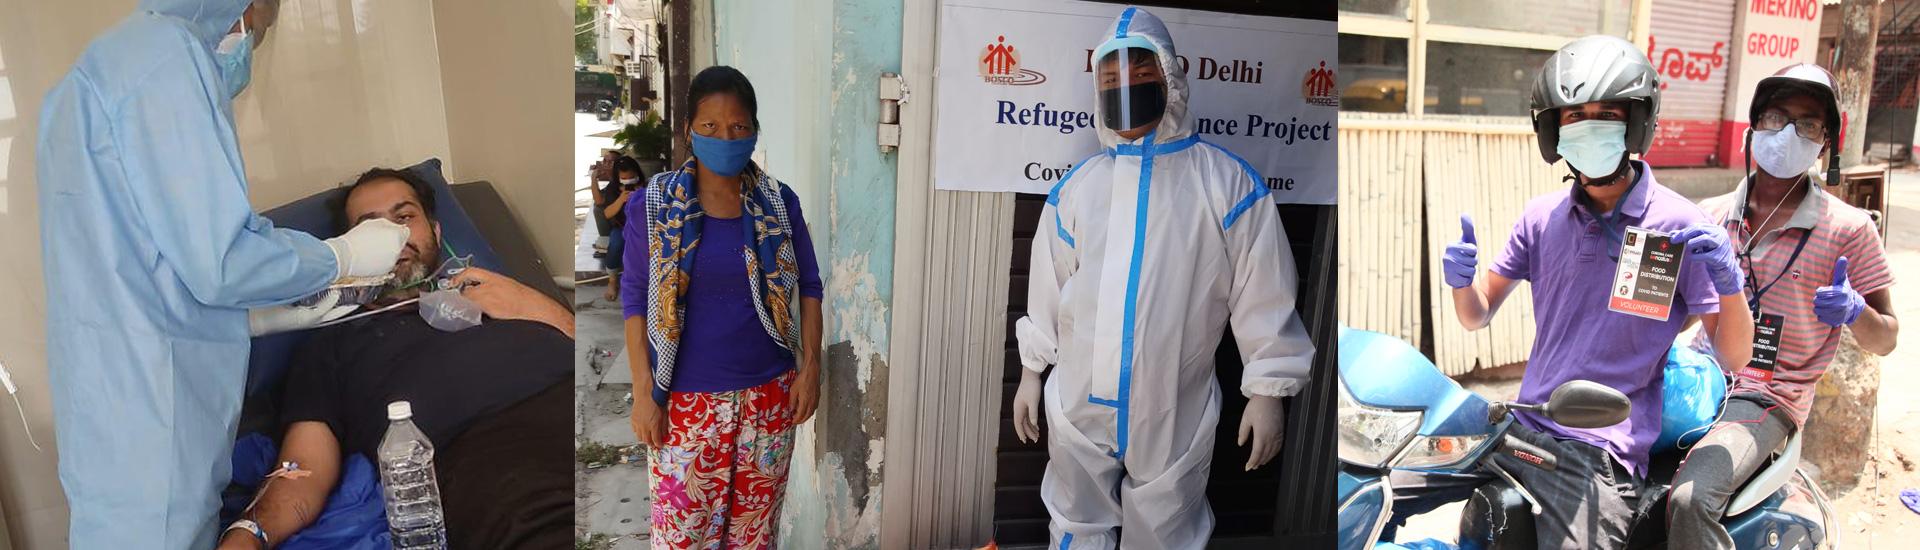 La ayuda salesiana en India intenta llegar a los más desfavorecidos mientras el coronavirus sigue fuera de control